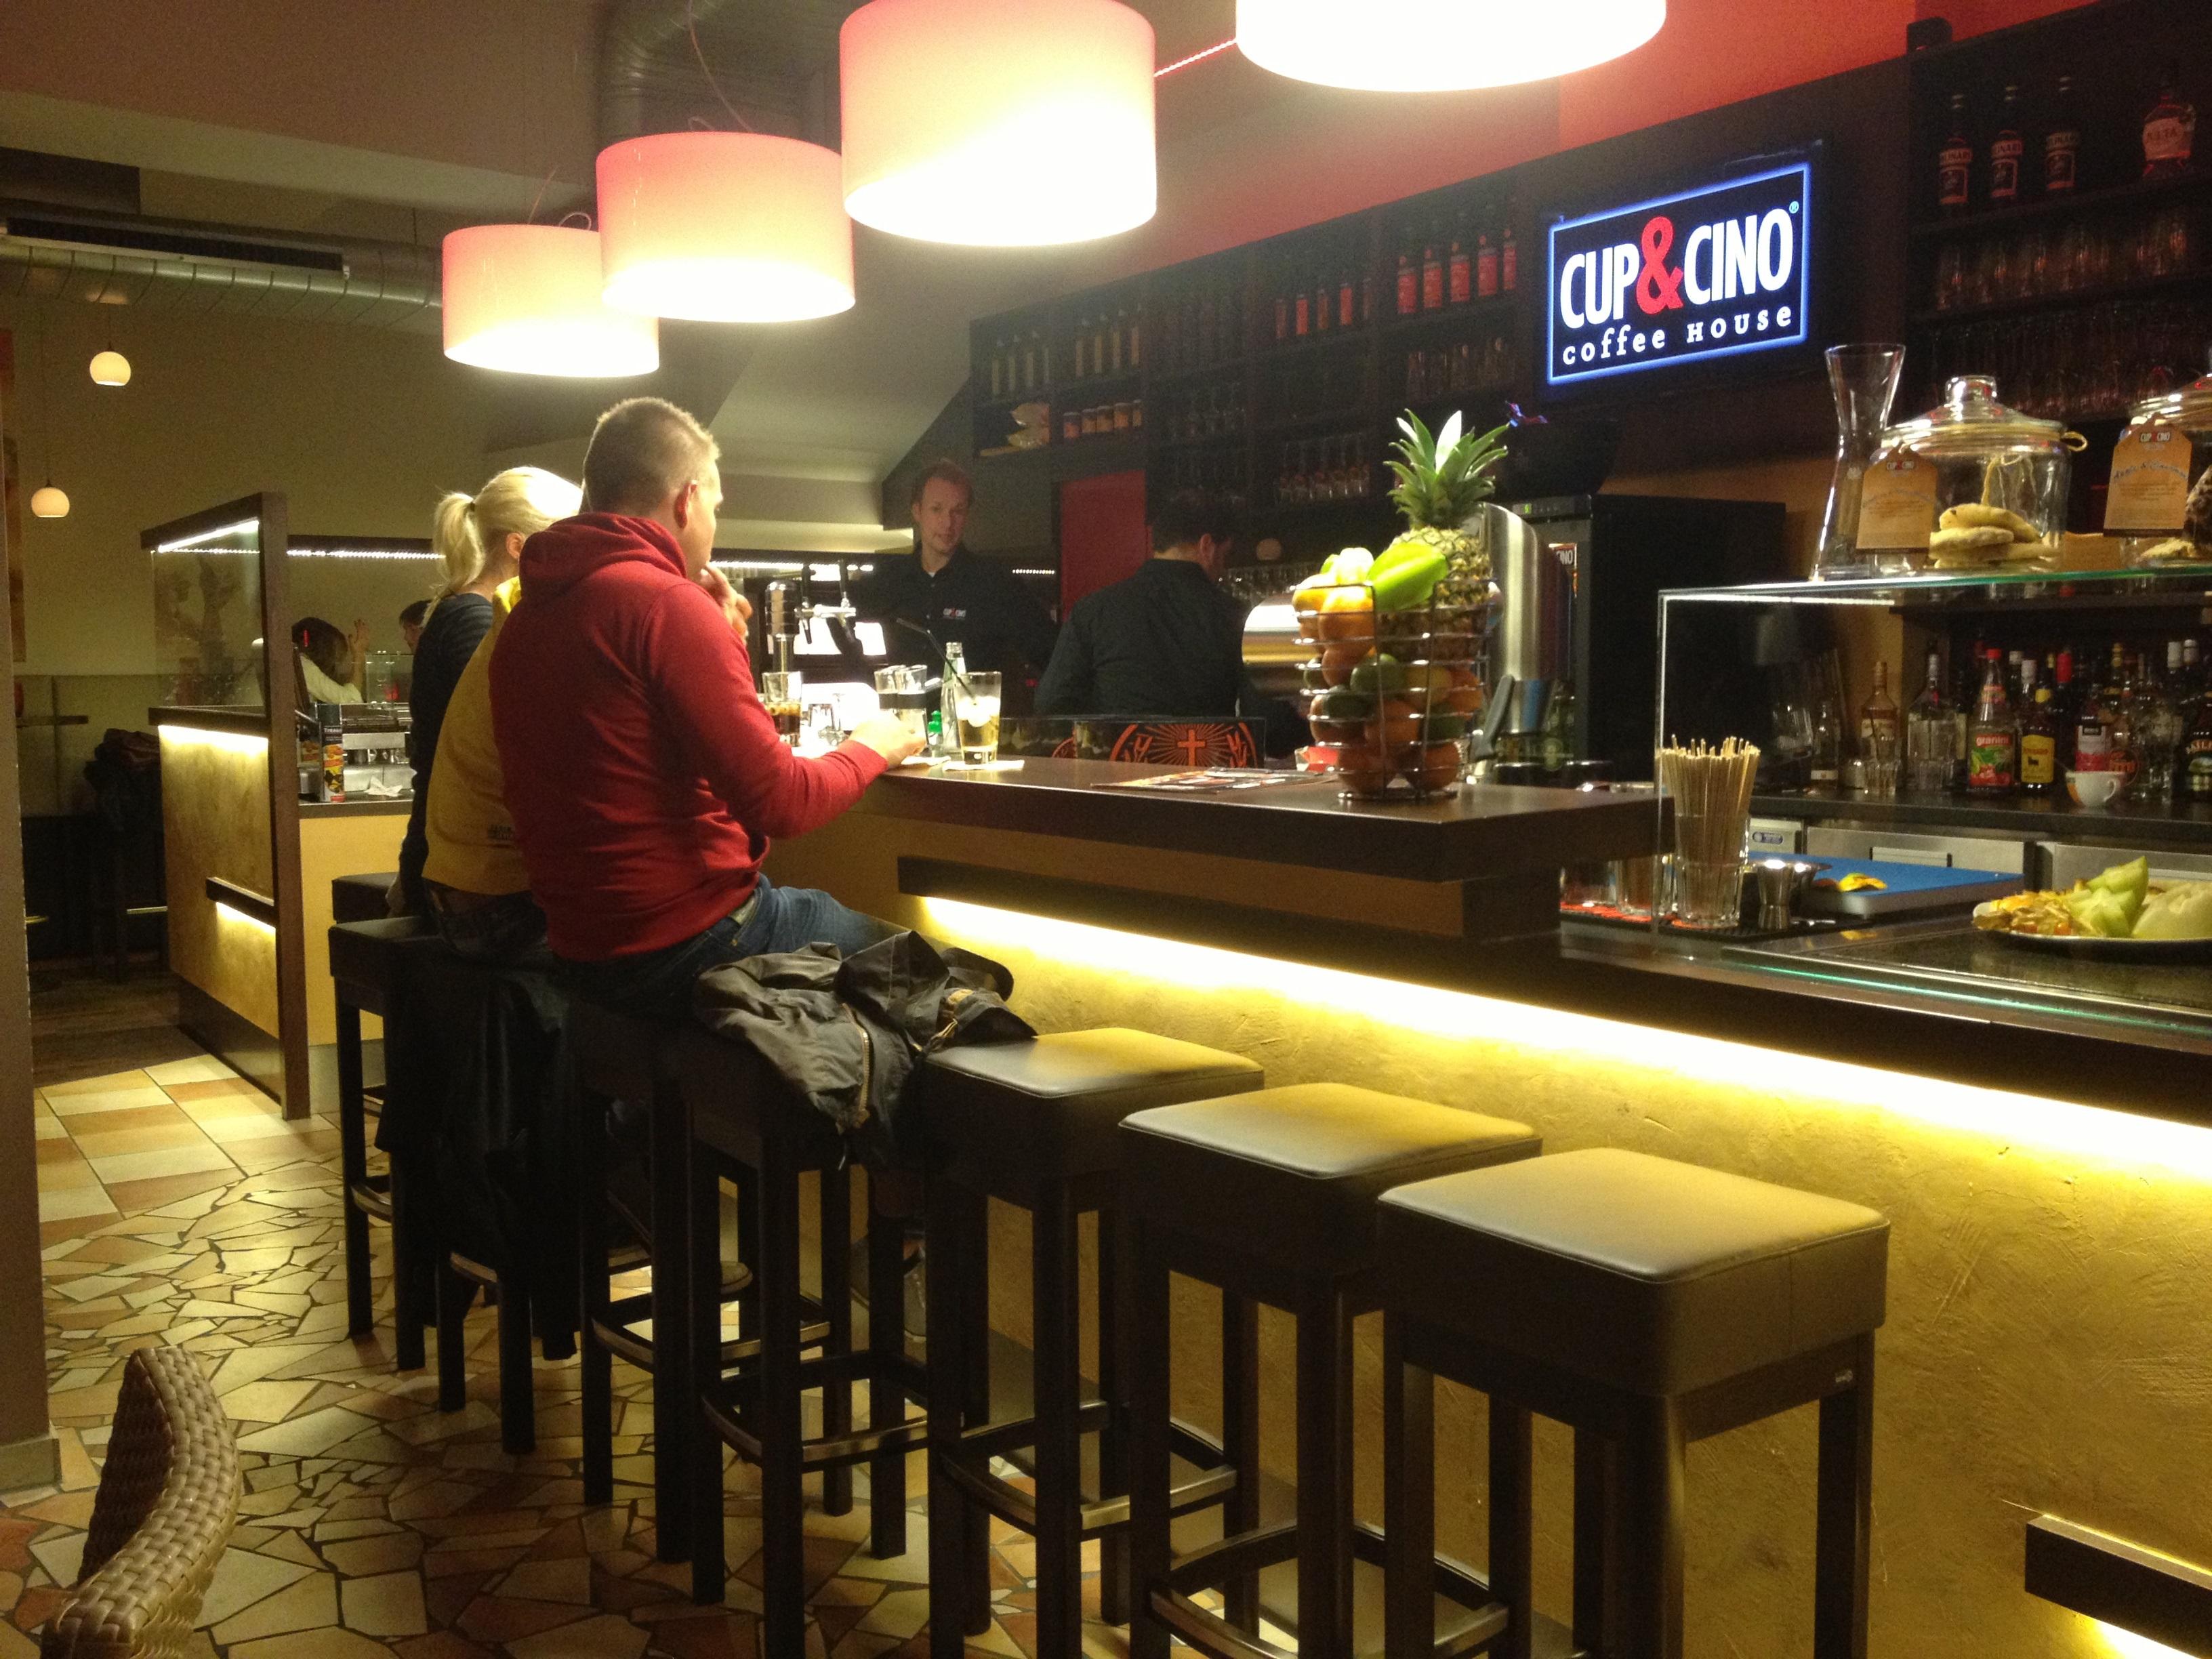 CupCino-Coffee-House-RhW